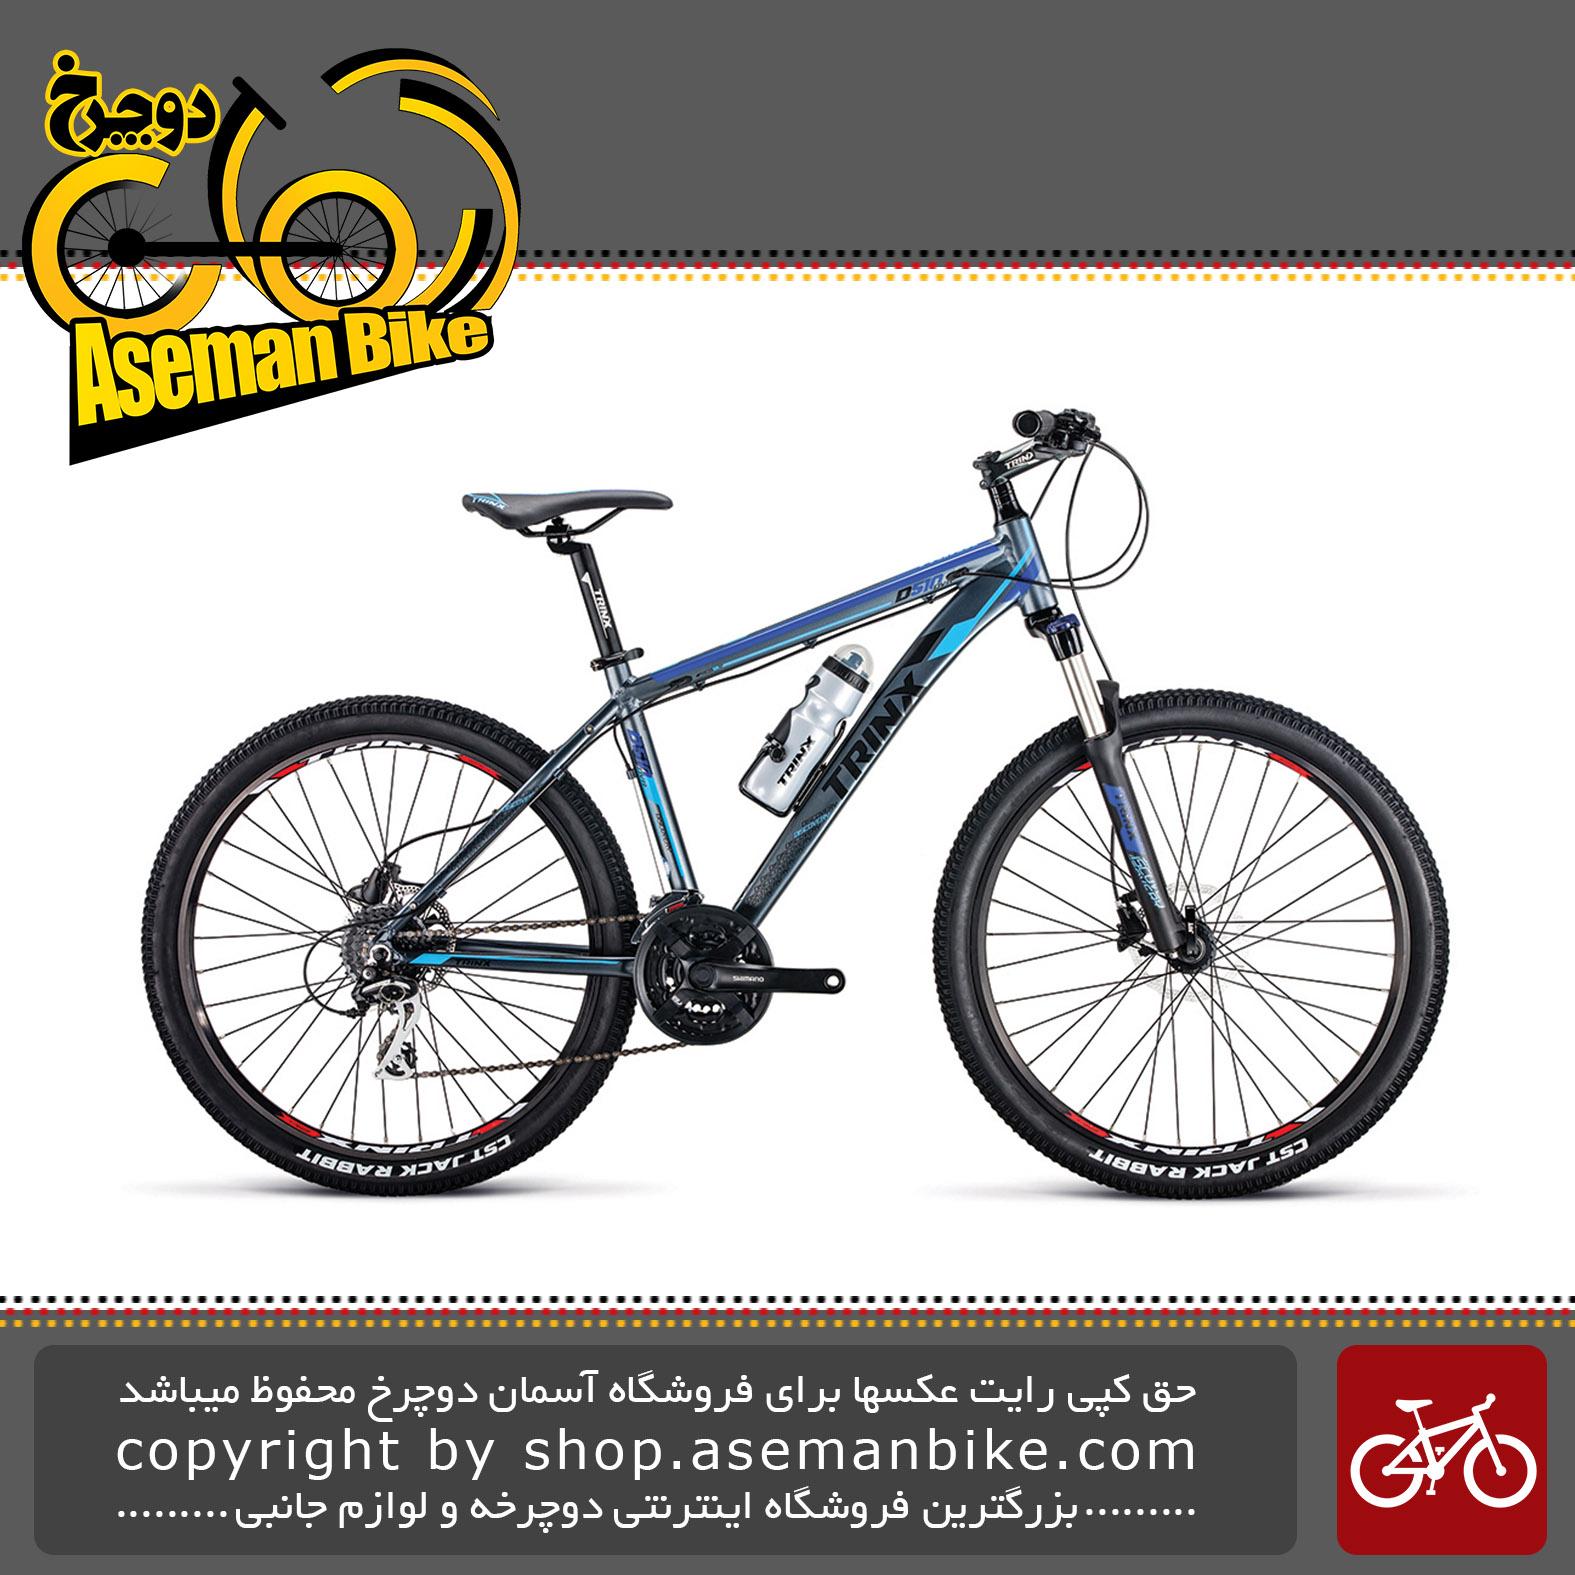 دوچرخه کوهستان ترینکس مدل D 510 سایز Trinx D 510 26